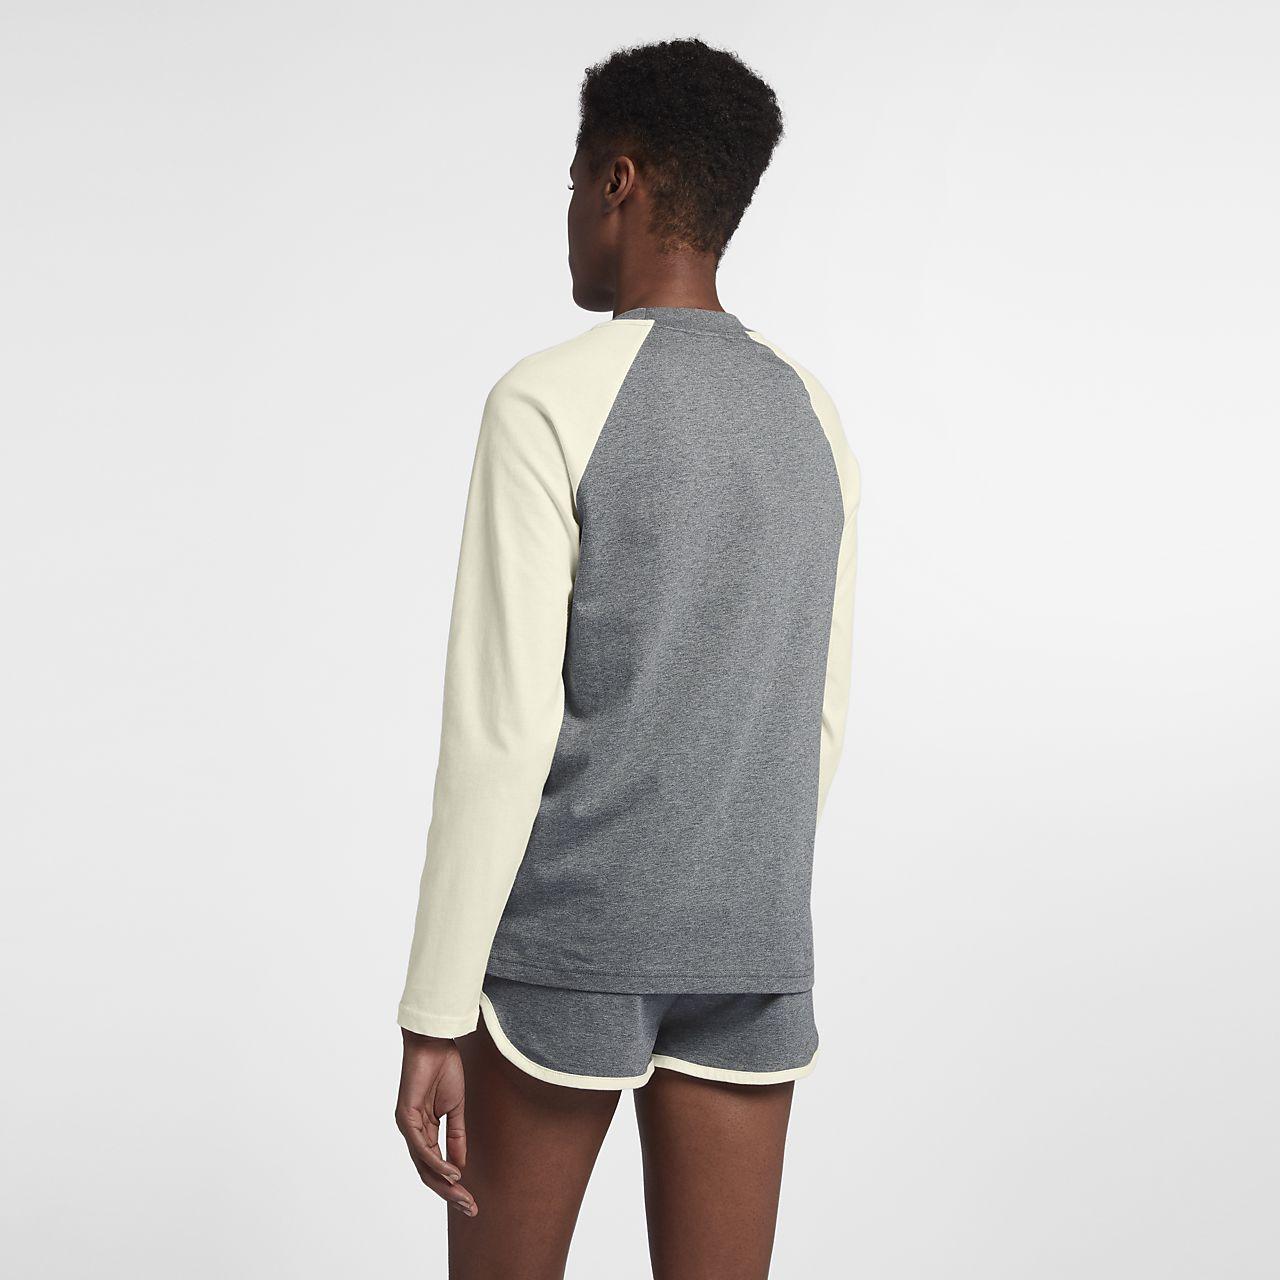 nike langarm shirt damen baumwolle